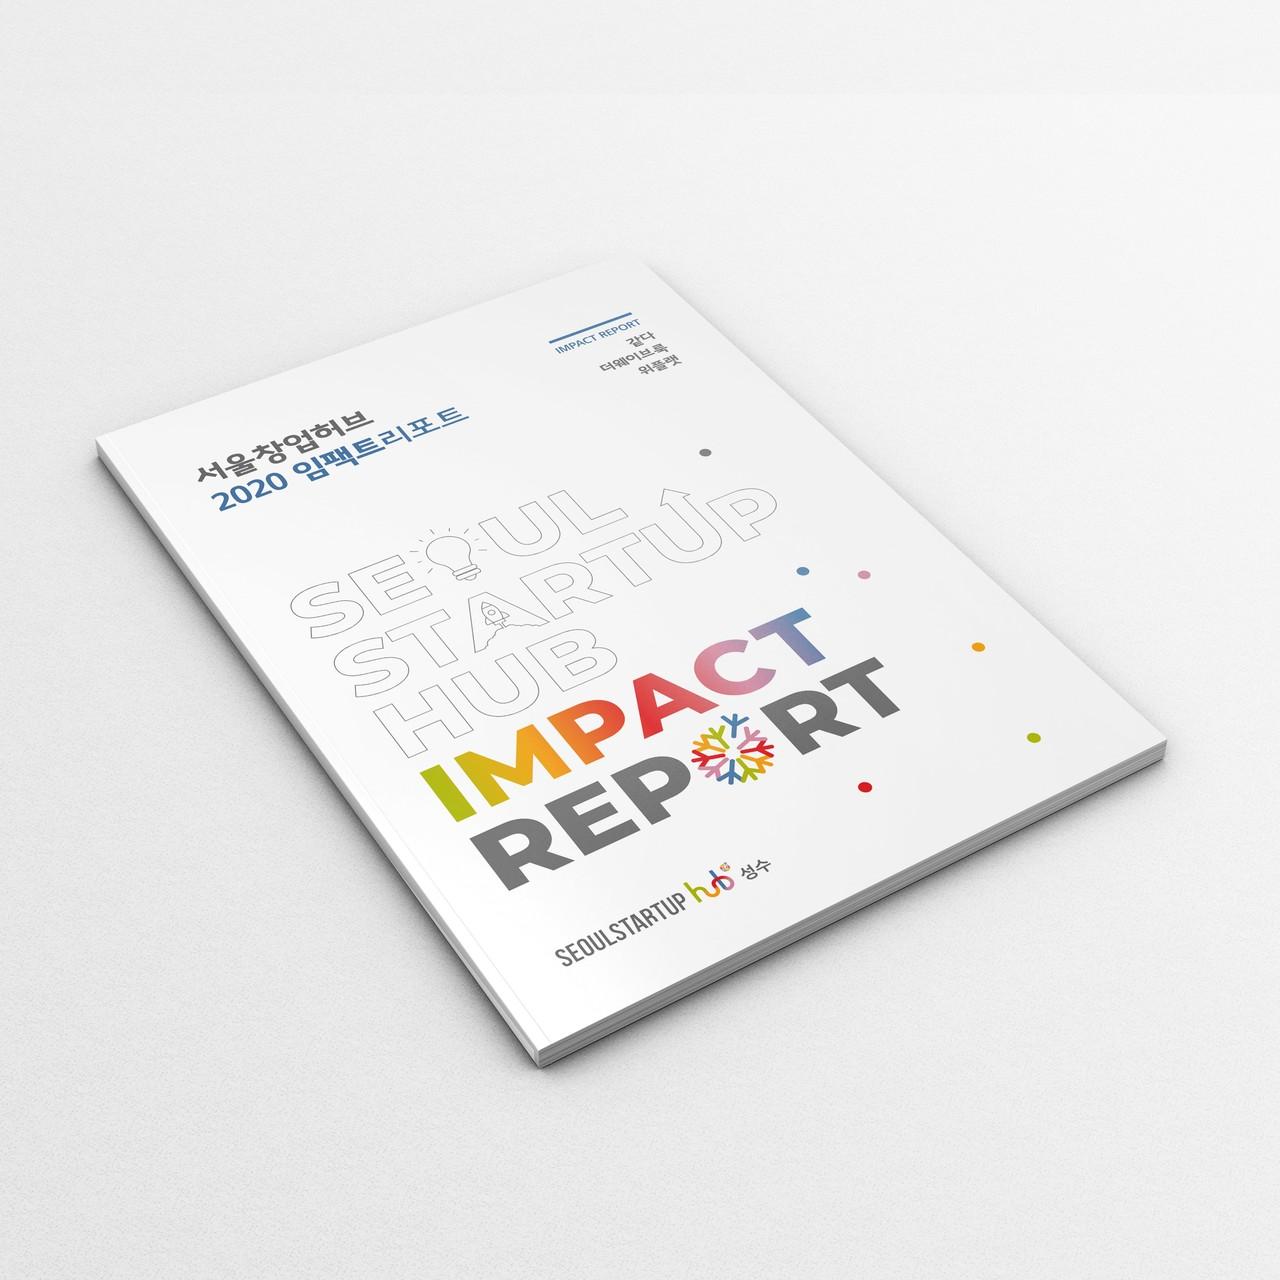 서울창업허브 2020 임팩트 리포트 - mysc